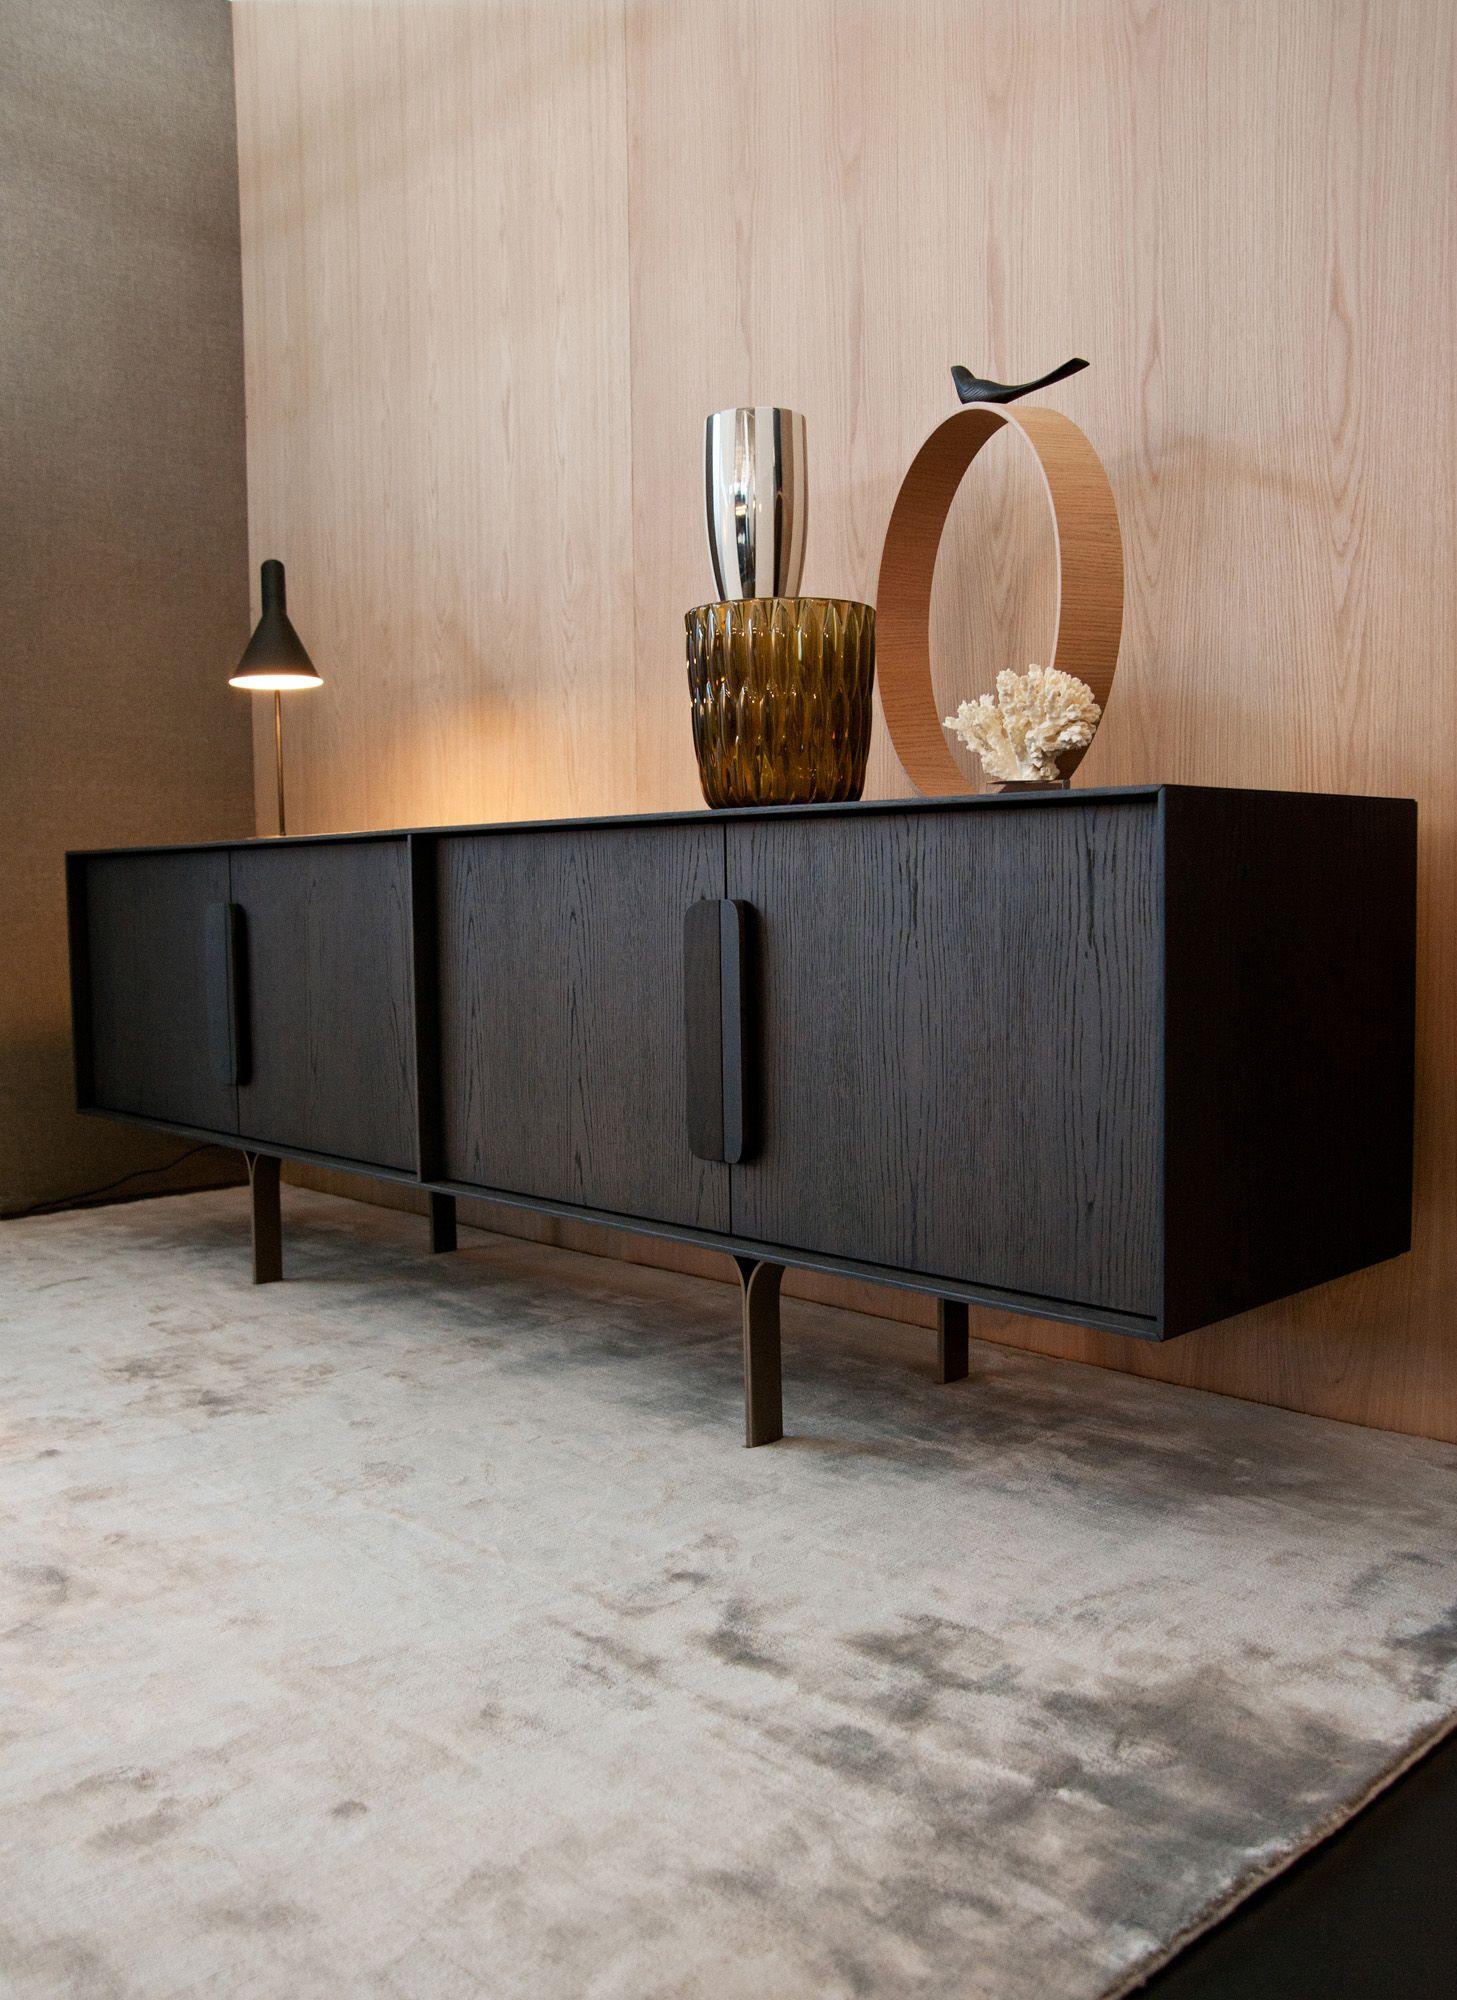 ein modernes, edles sideboard von al2. #sideboard #modern